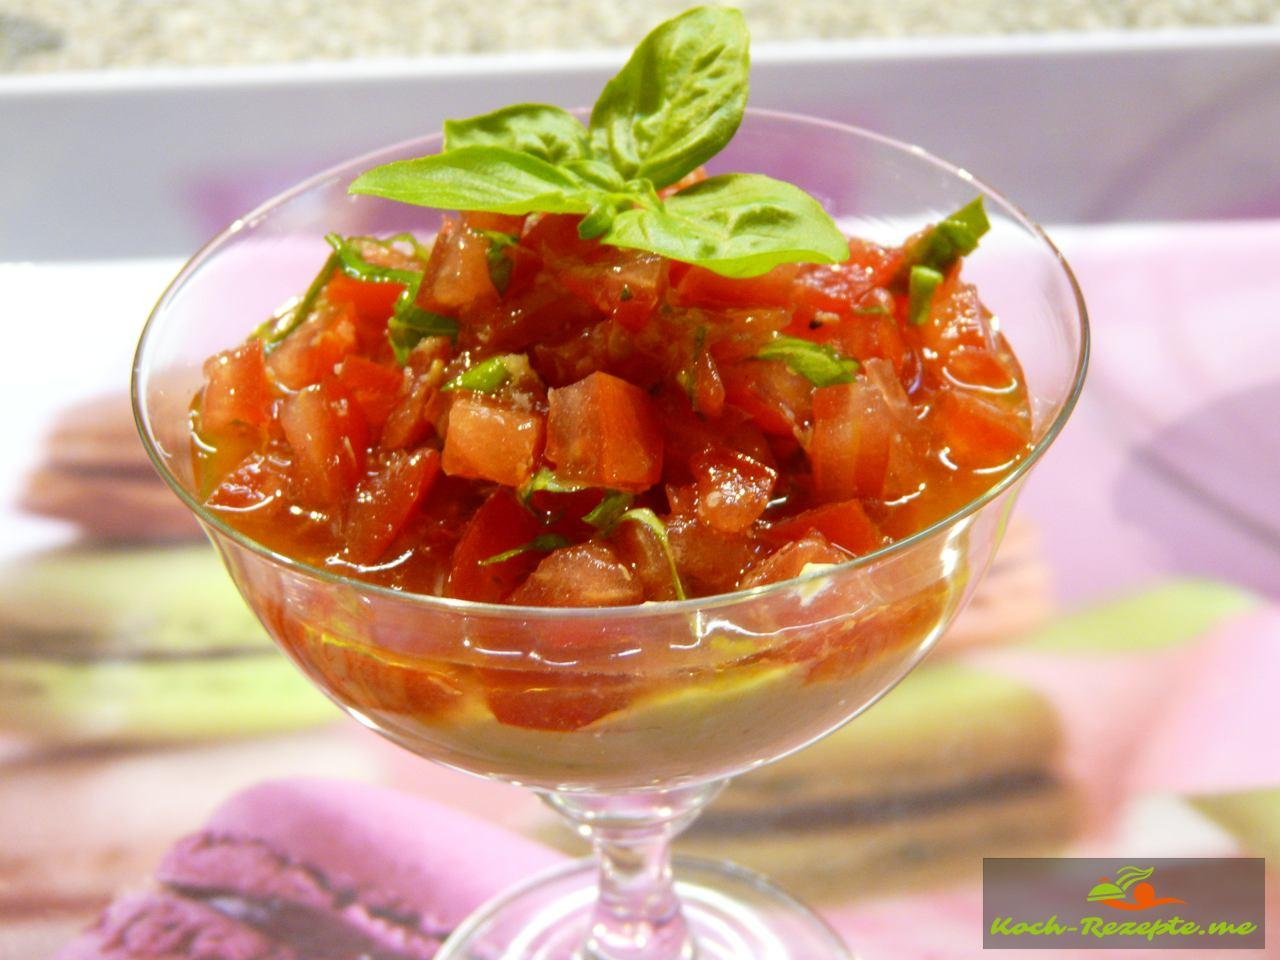 Avocadocreme eine schnelle und kalte Vorspeise mit Tomaten.